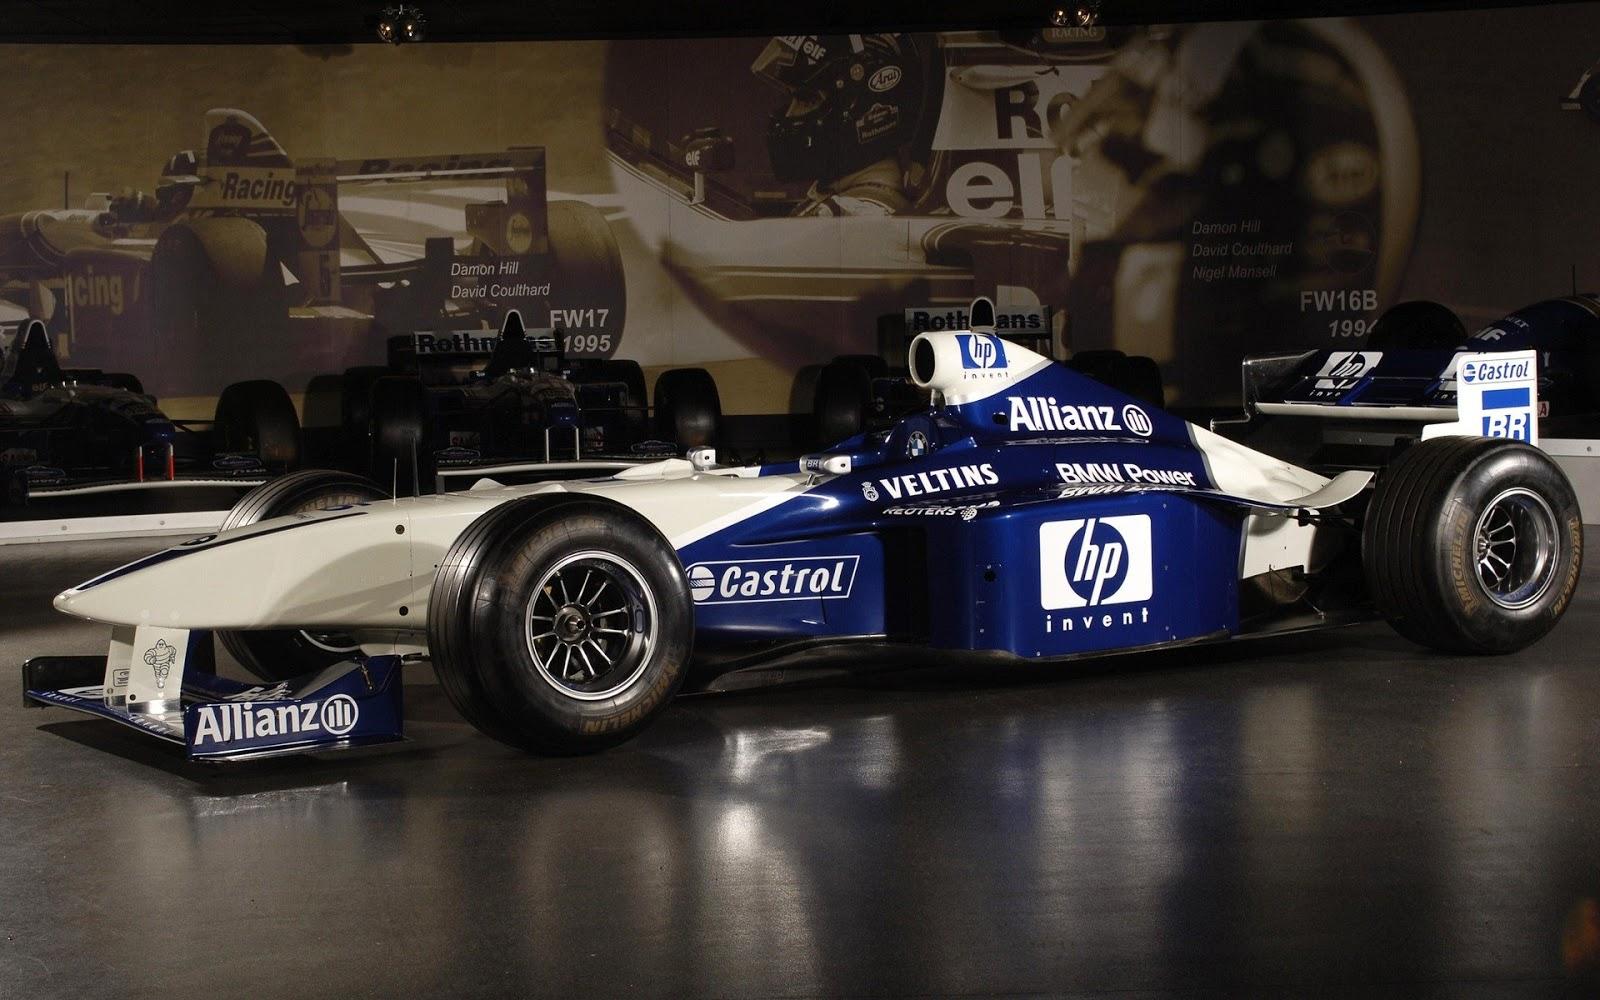 BMW Williams F1 Formula